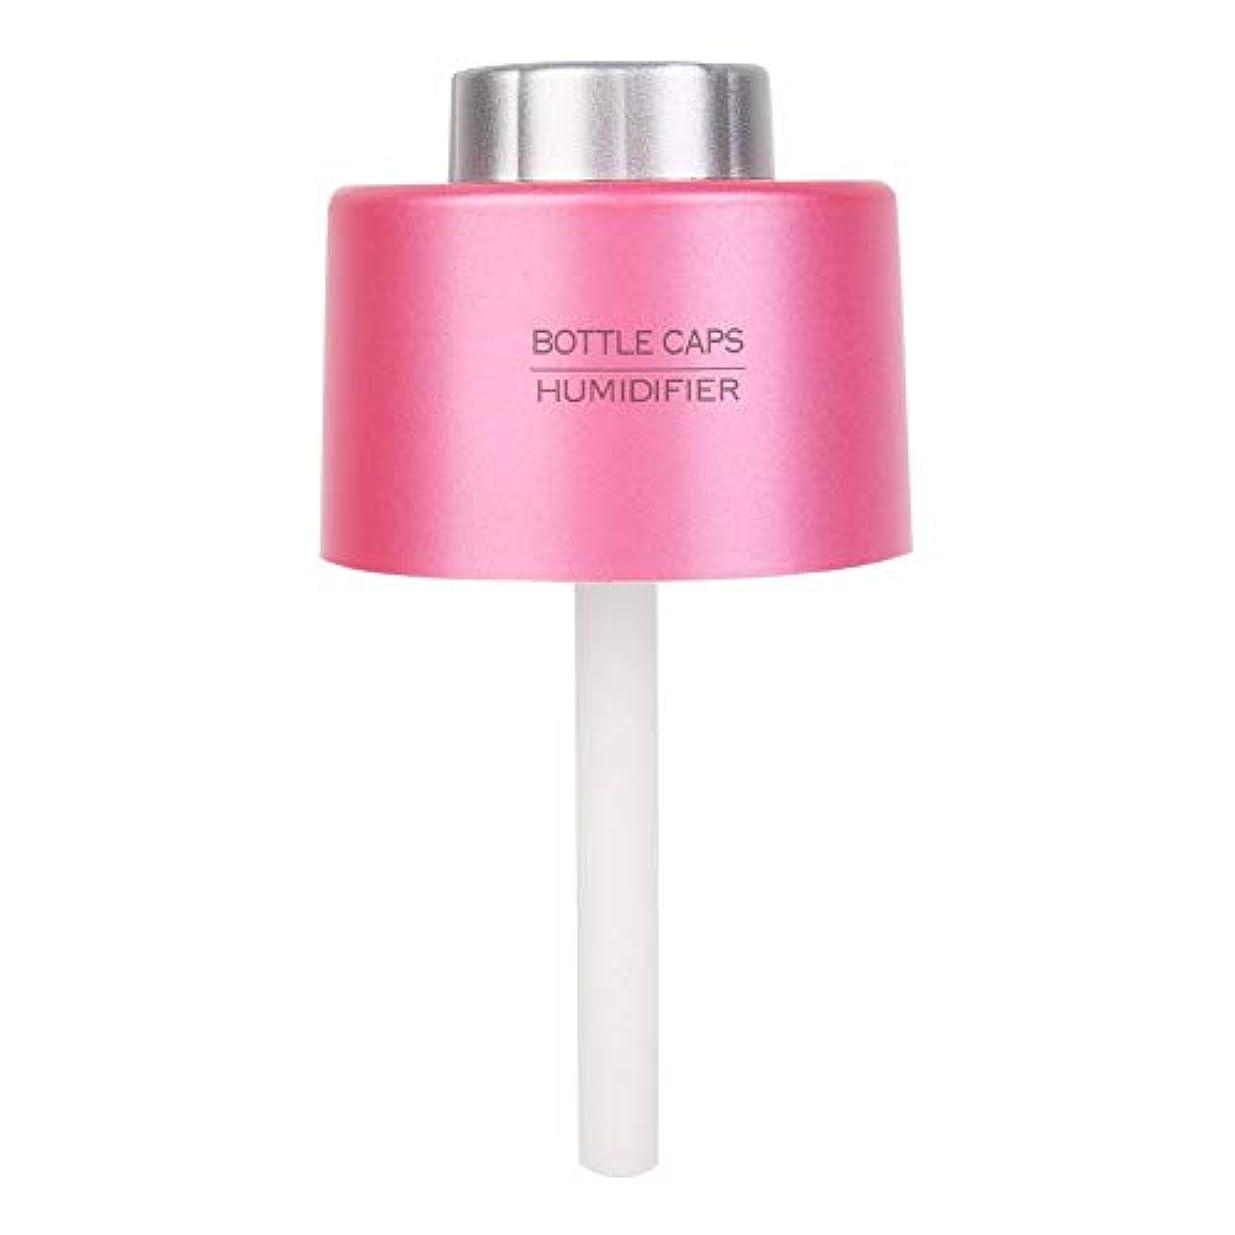 電話規制自転車ポータブルミニウォーターボトルキャップ加湿器アロマエアディフューザーミストメーカーUSB(ピンク)